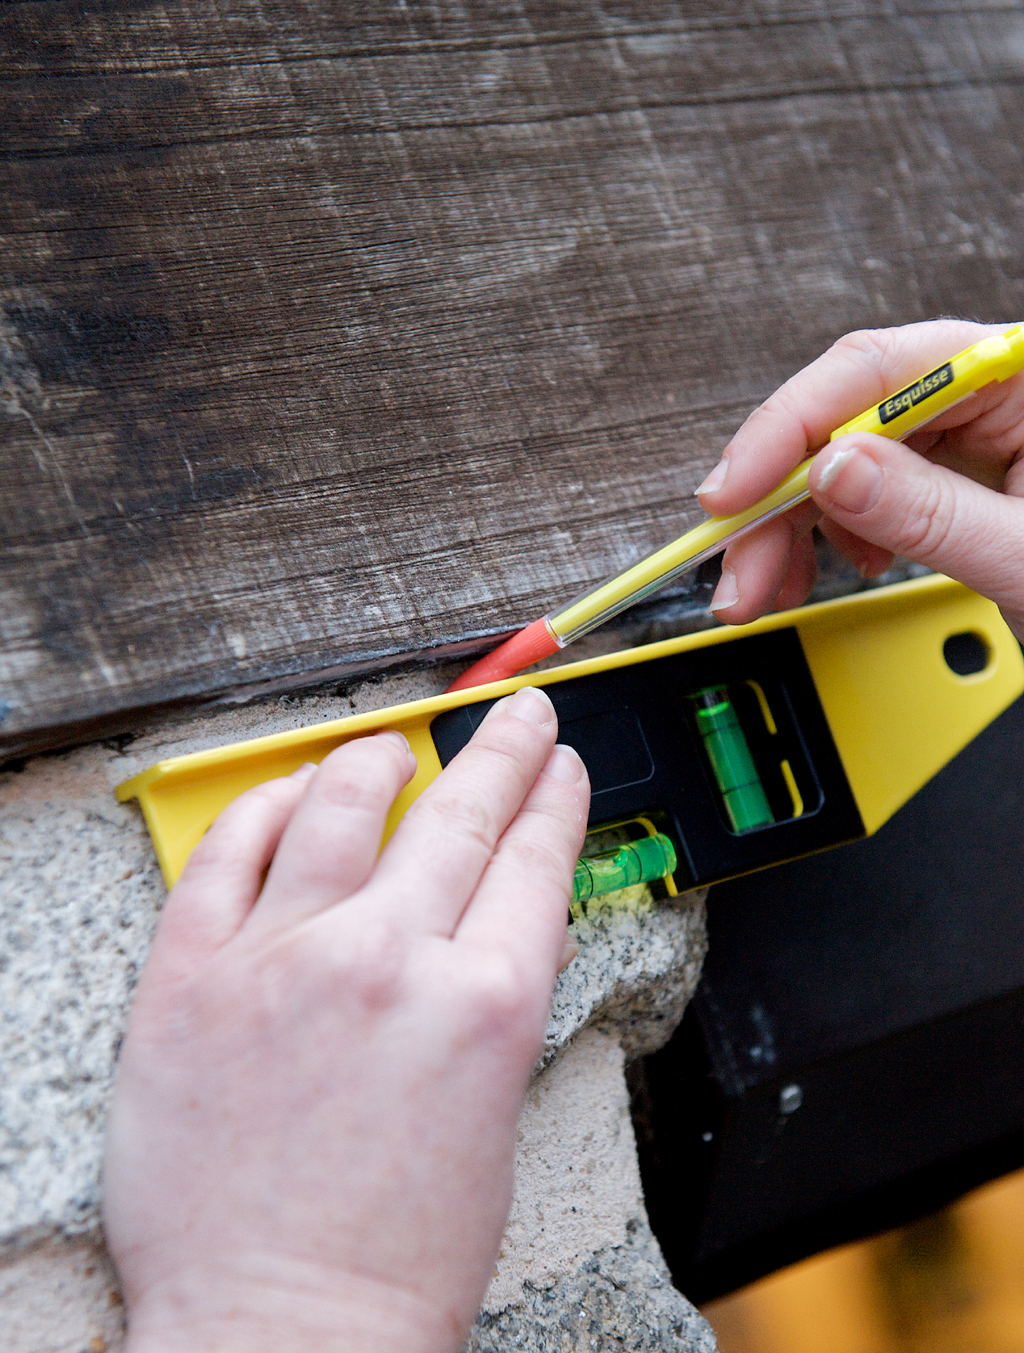 Comment Installer Un Eclairage Exterieur installer un éclairage d'extérieur | diy family